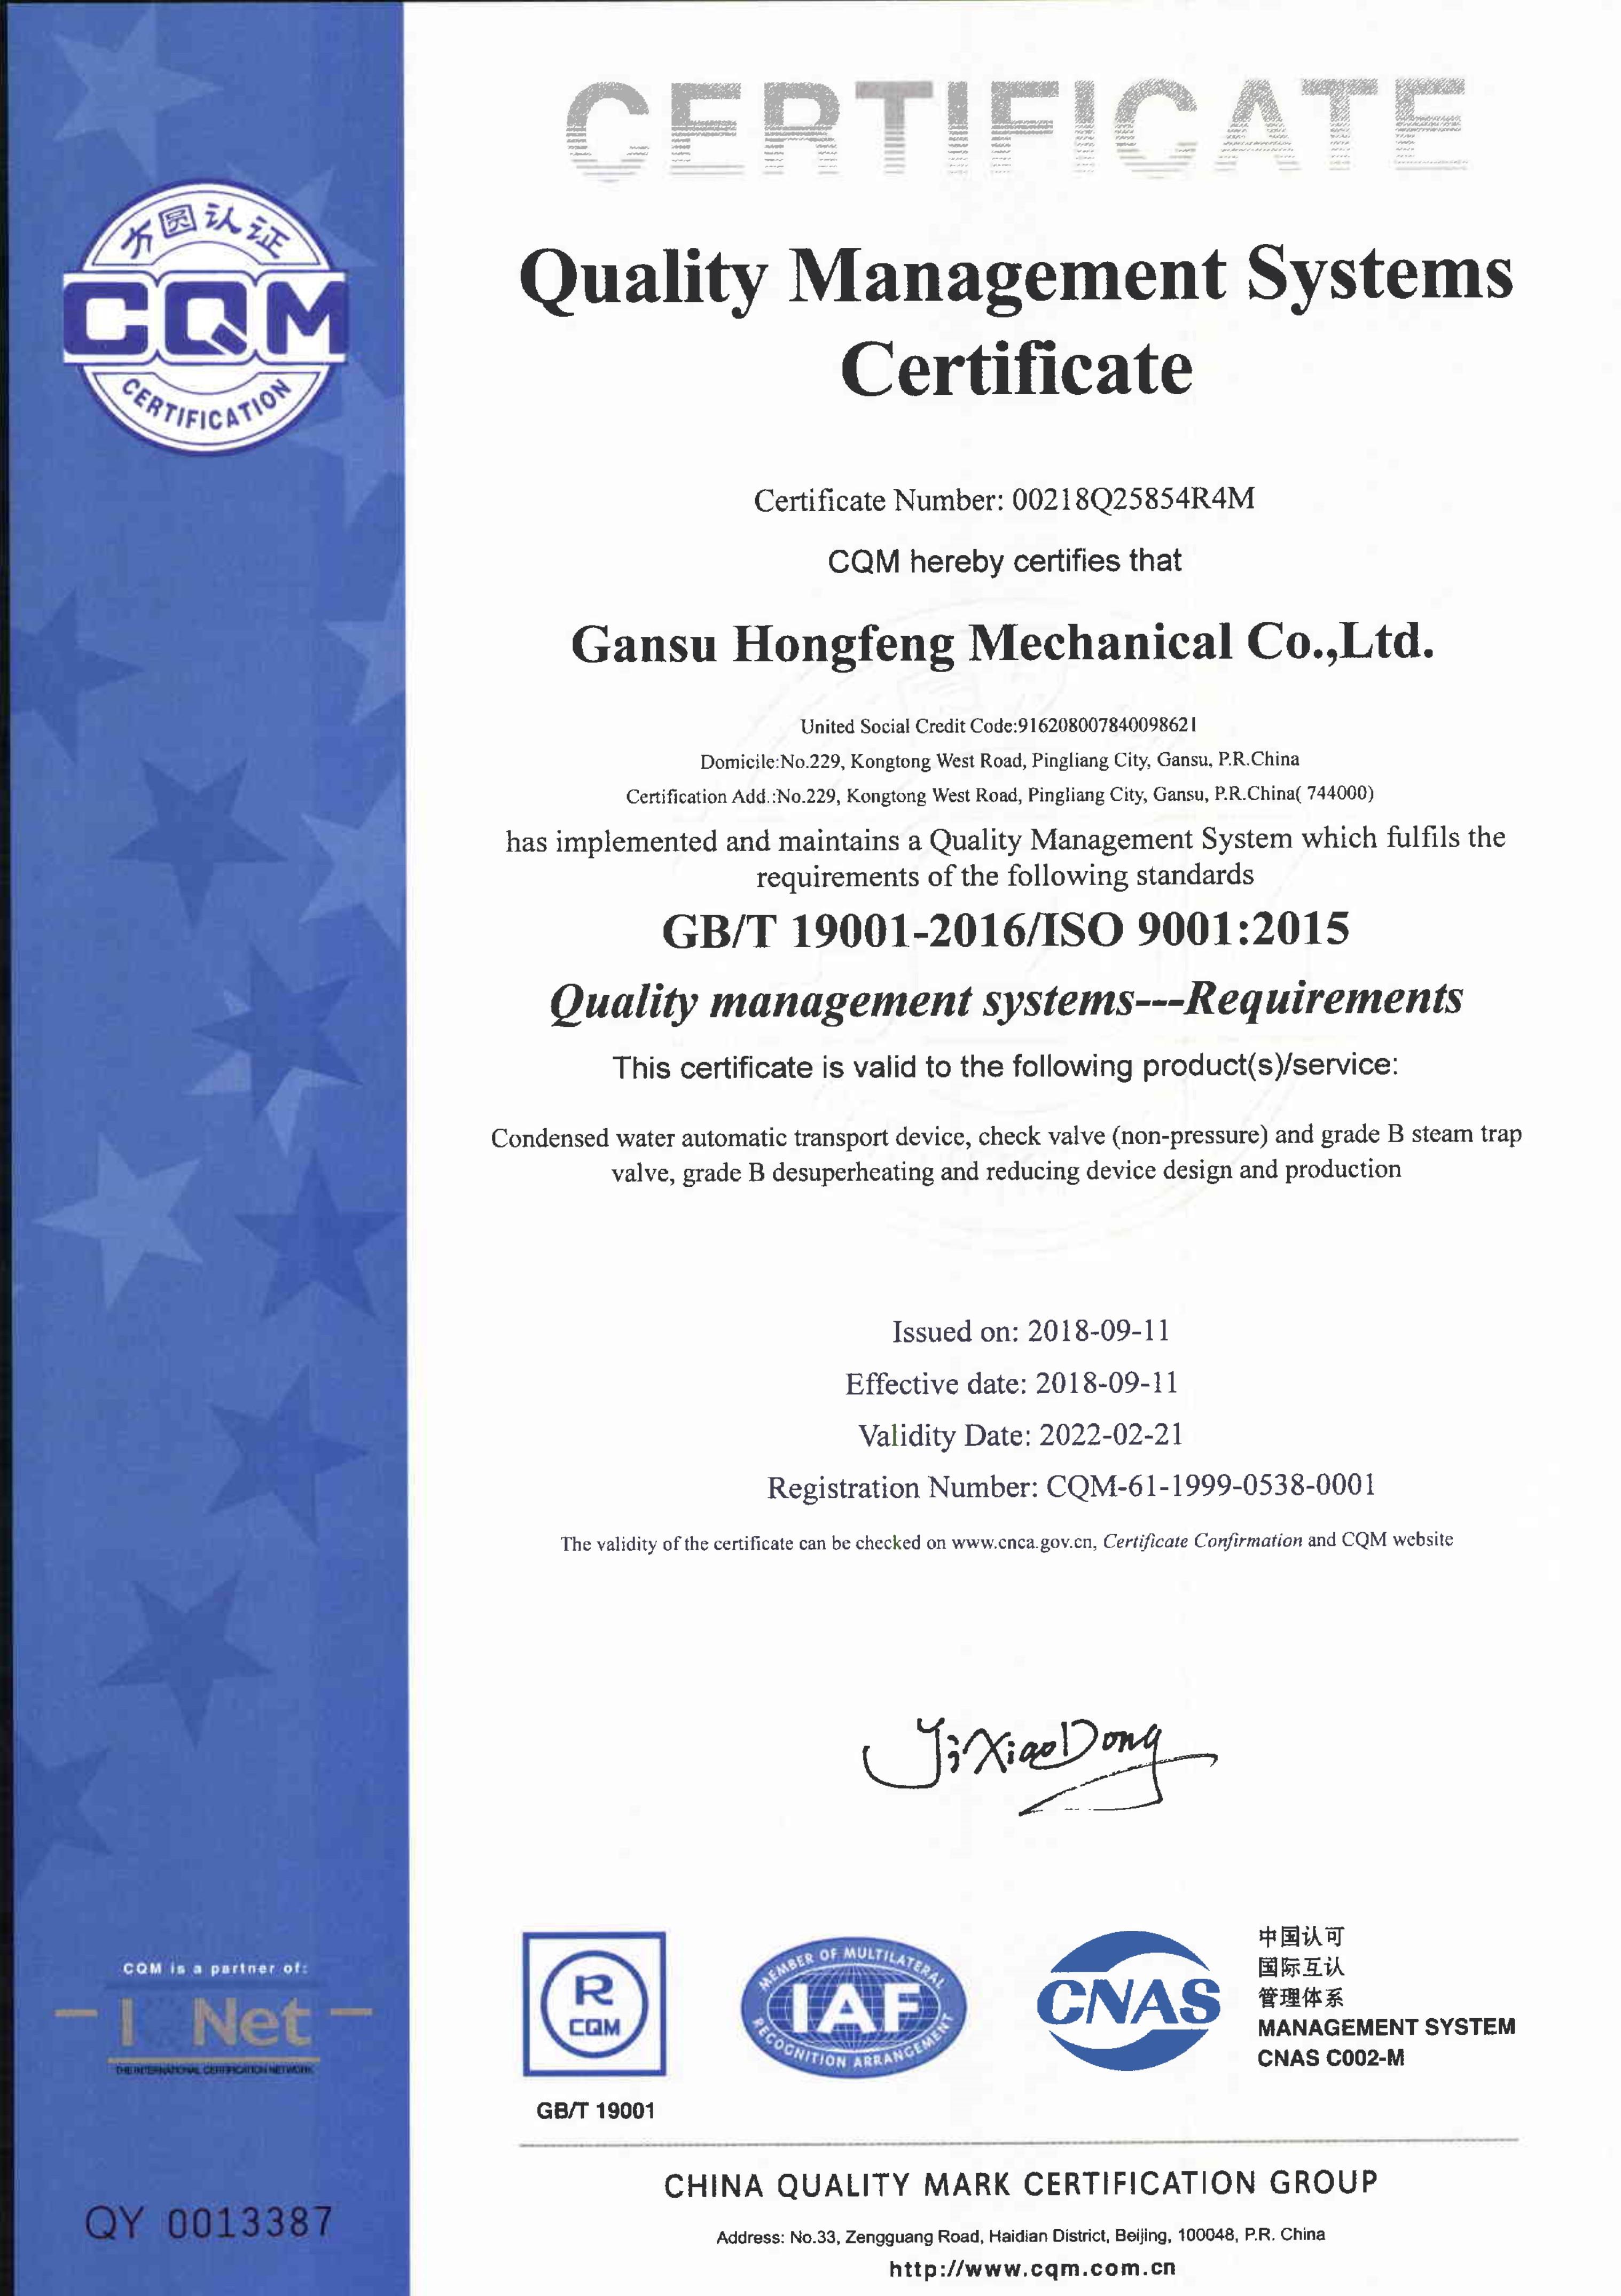 质量管理体系认证-英文